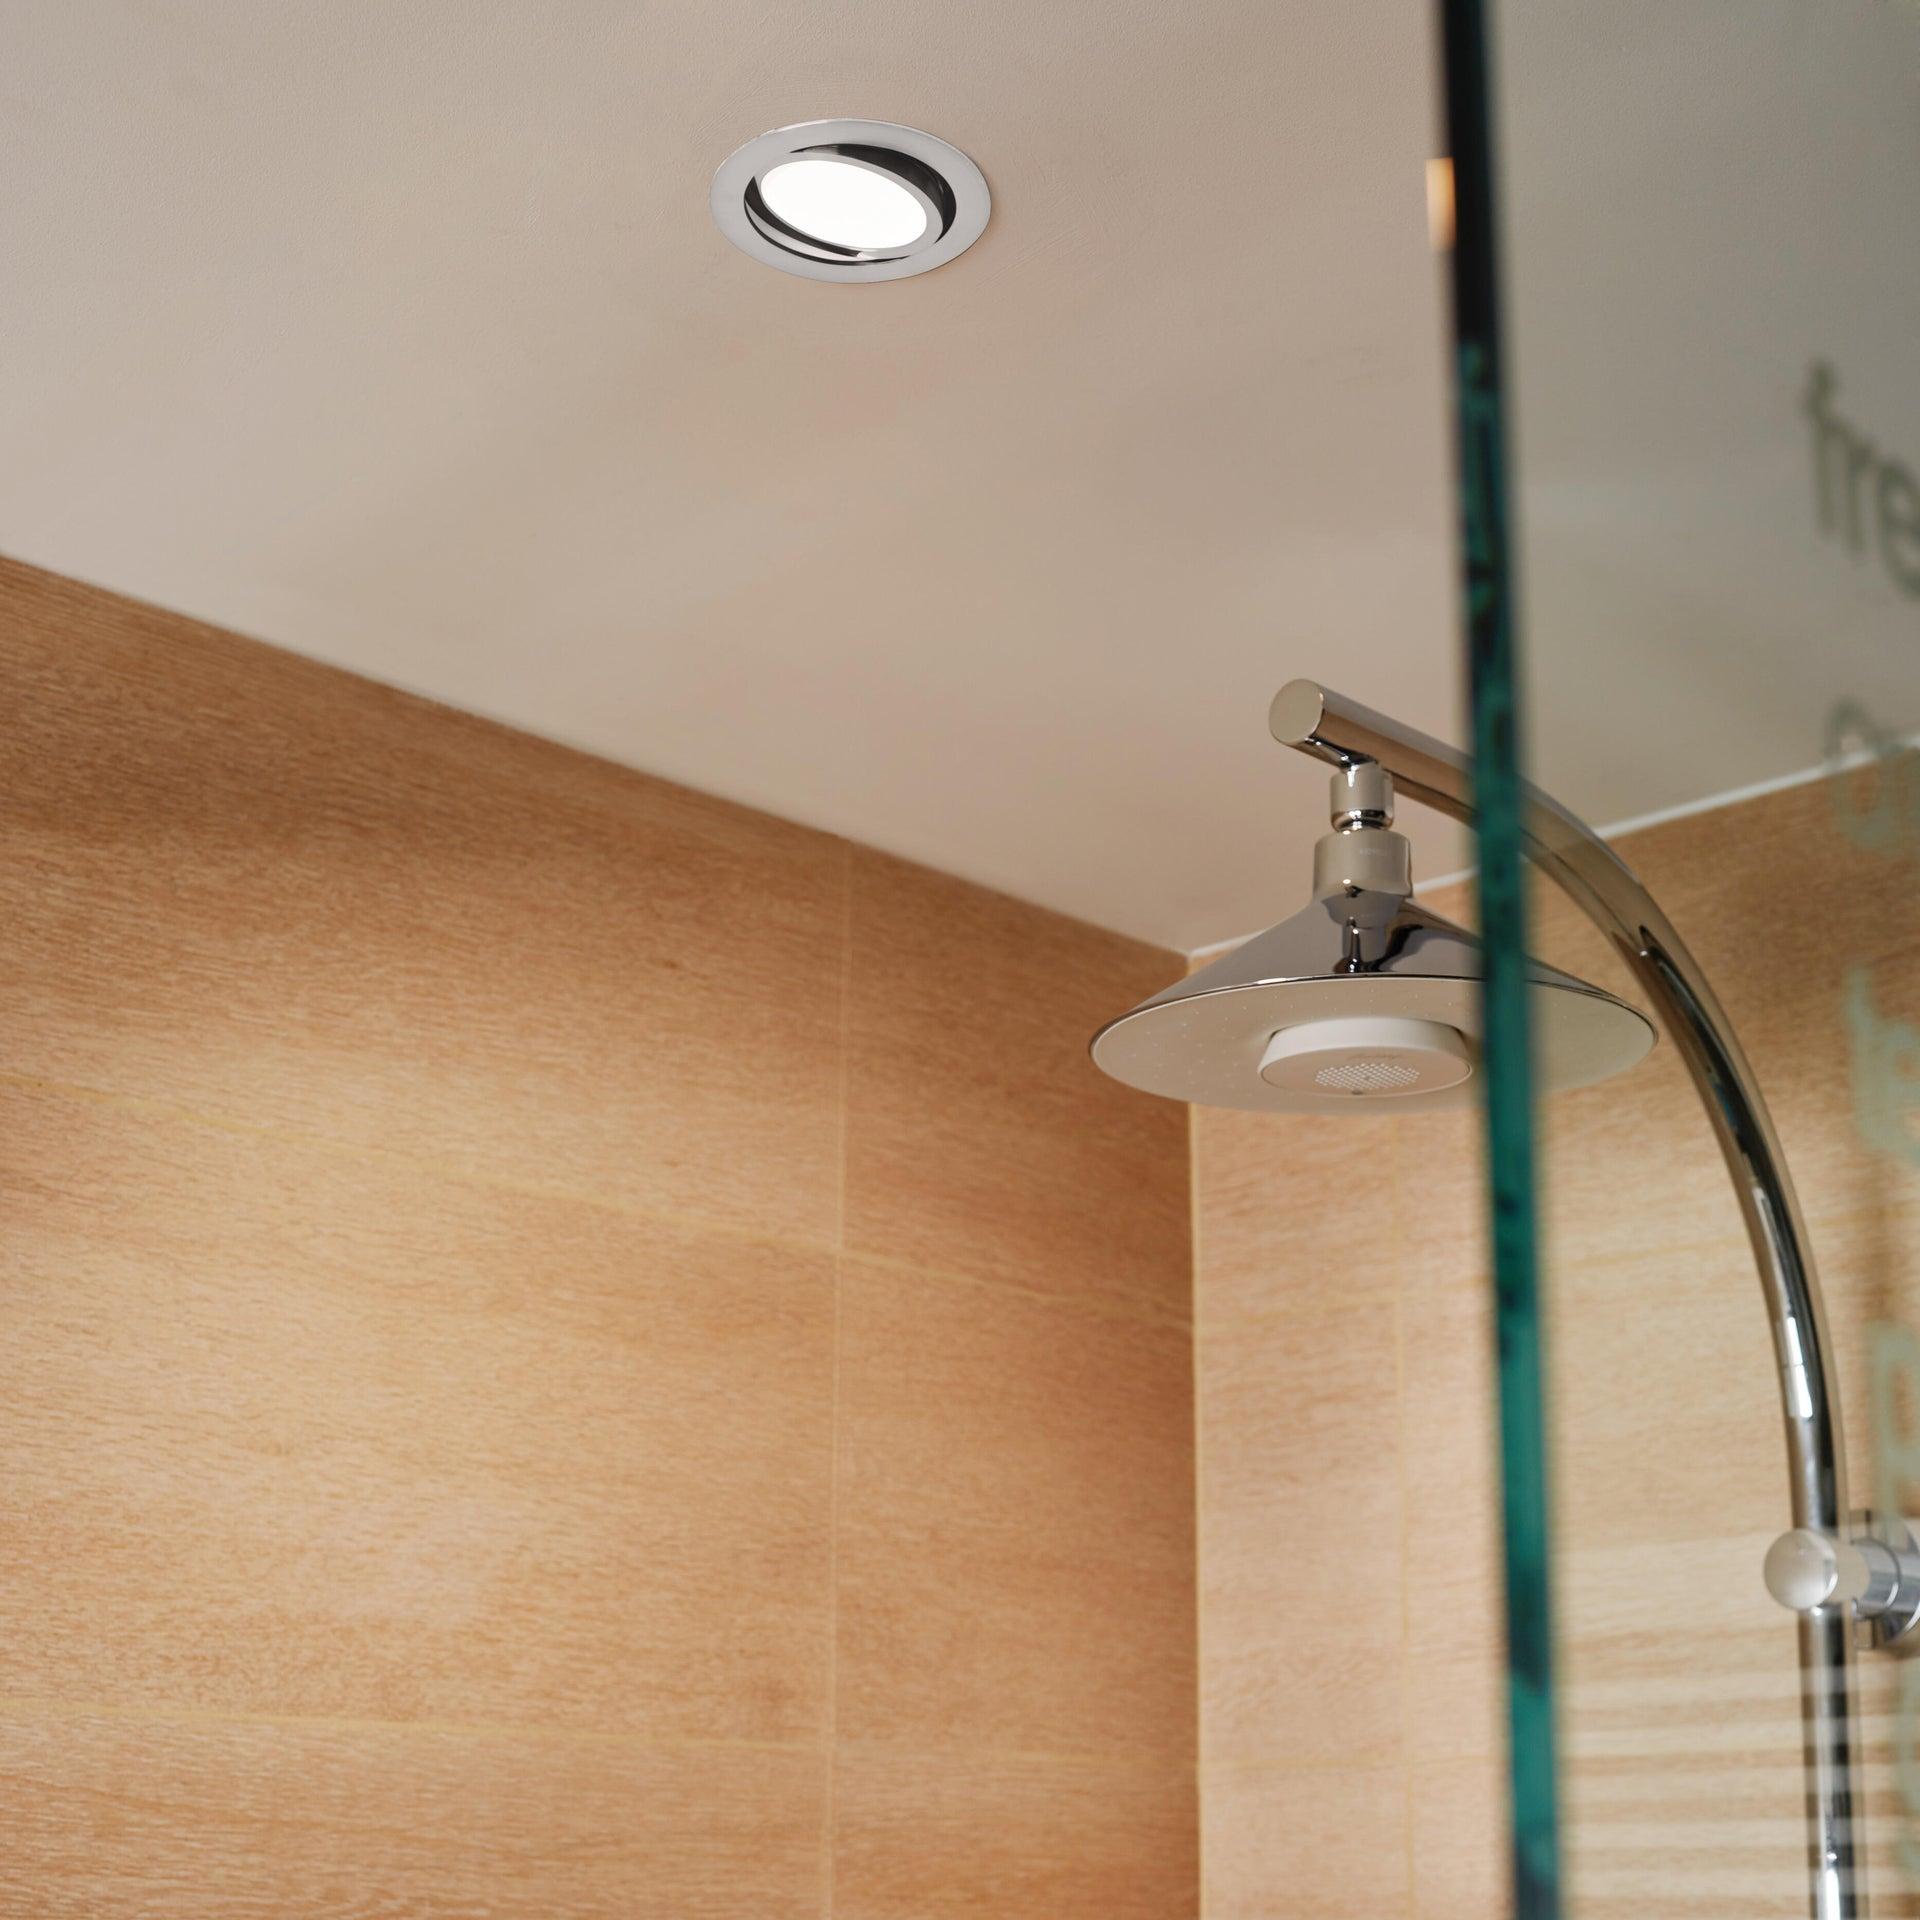 Faretto orientabile da incasso tondo Lindi in Alluminio bianco, diam. 9 cm LED integrato 500LM IP65 INSPIRE - 12